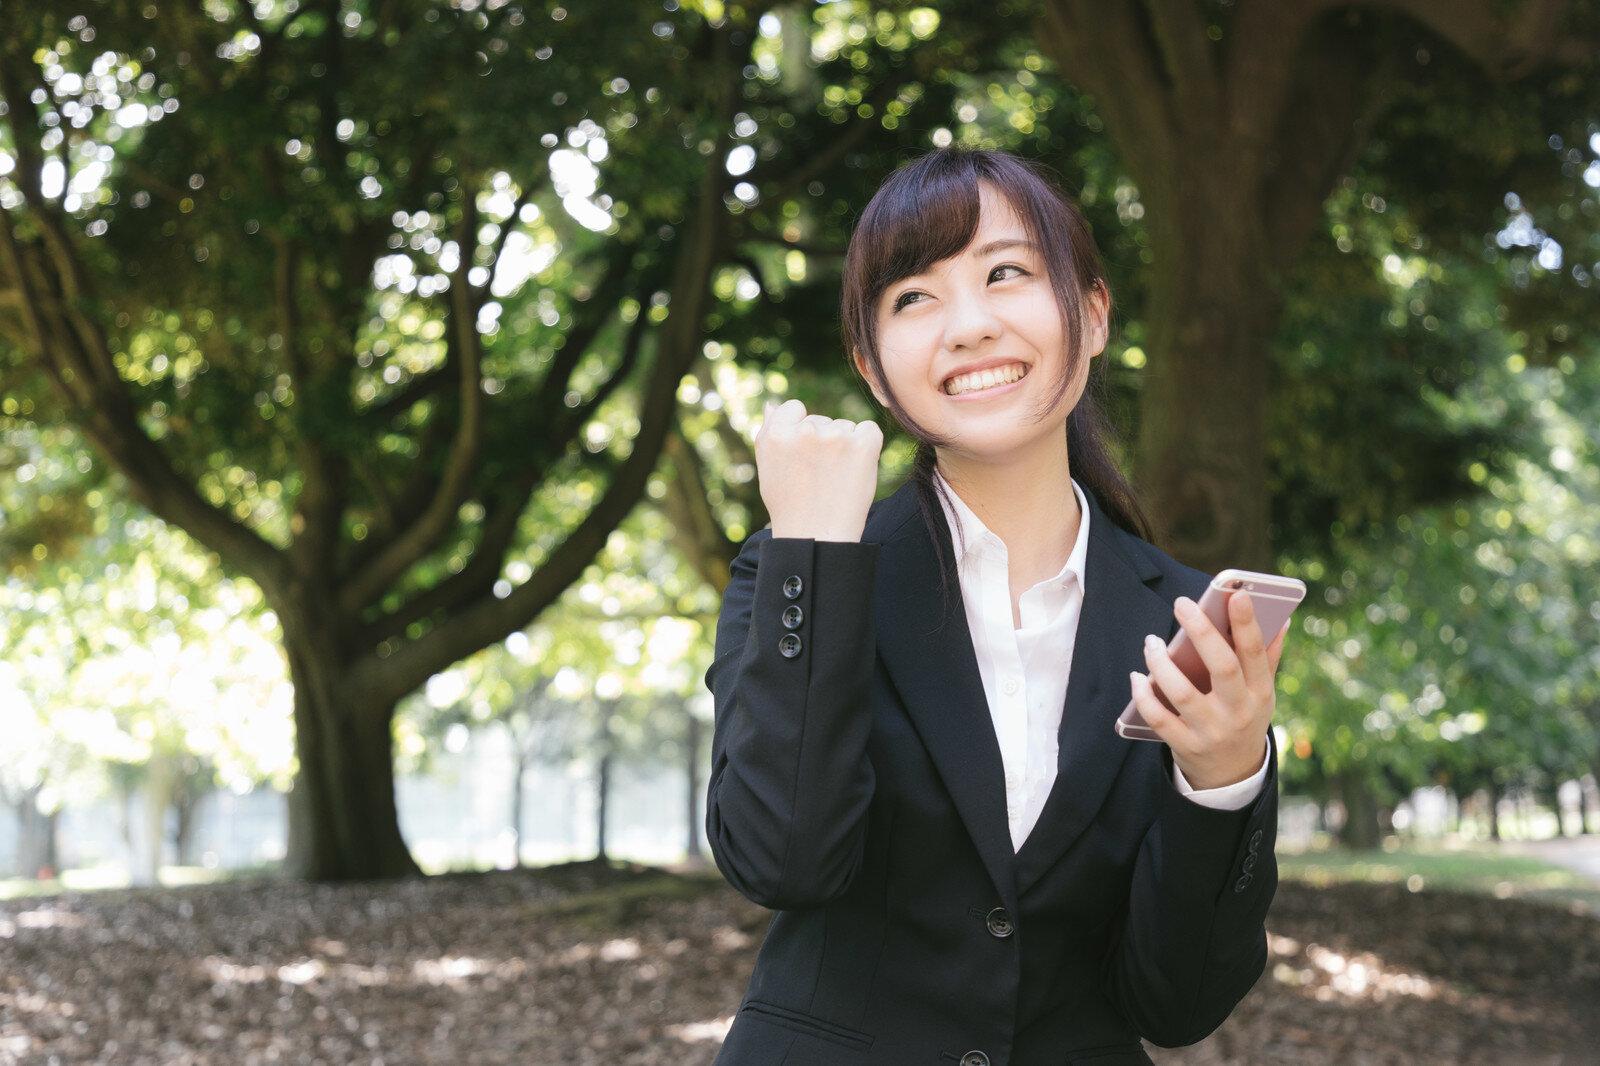 スマホを持った笑顔の女性